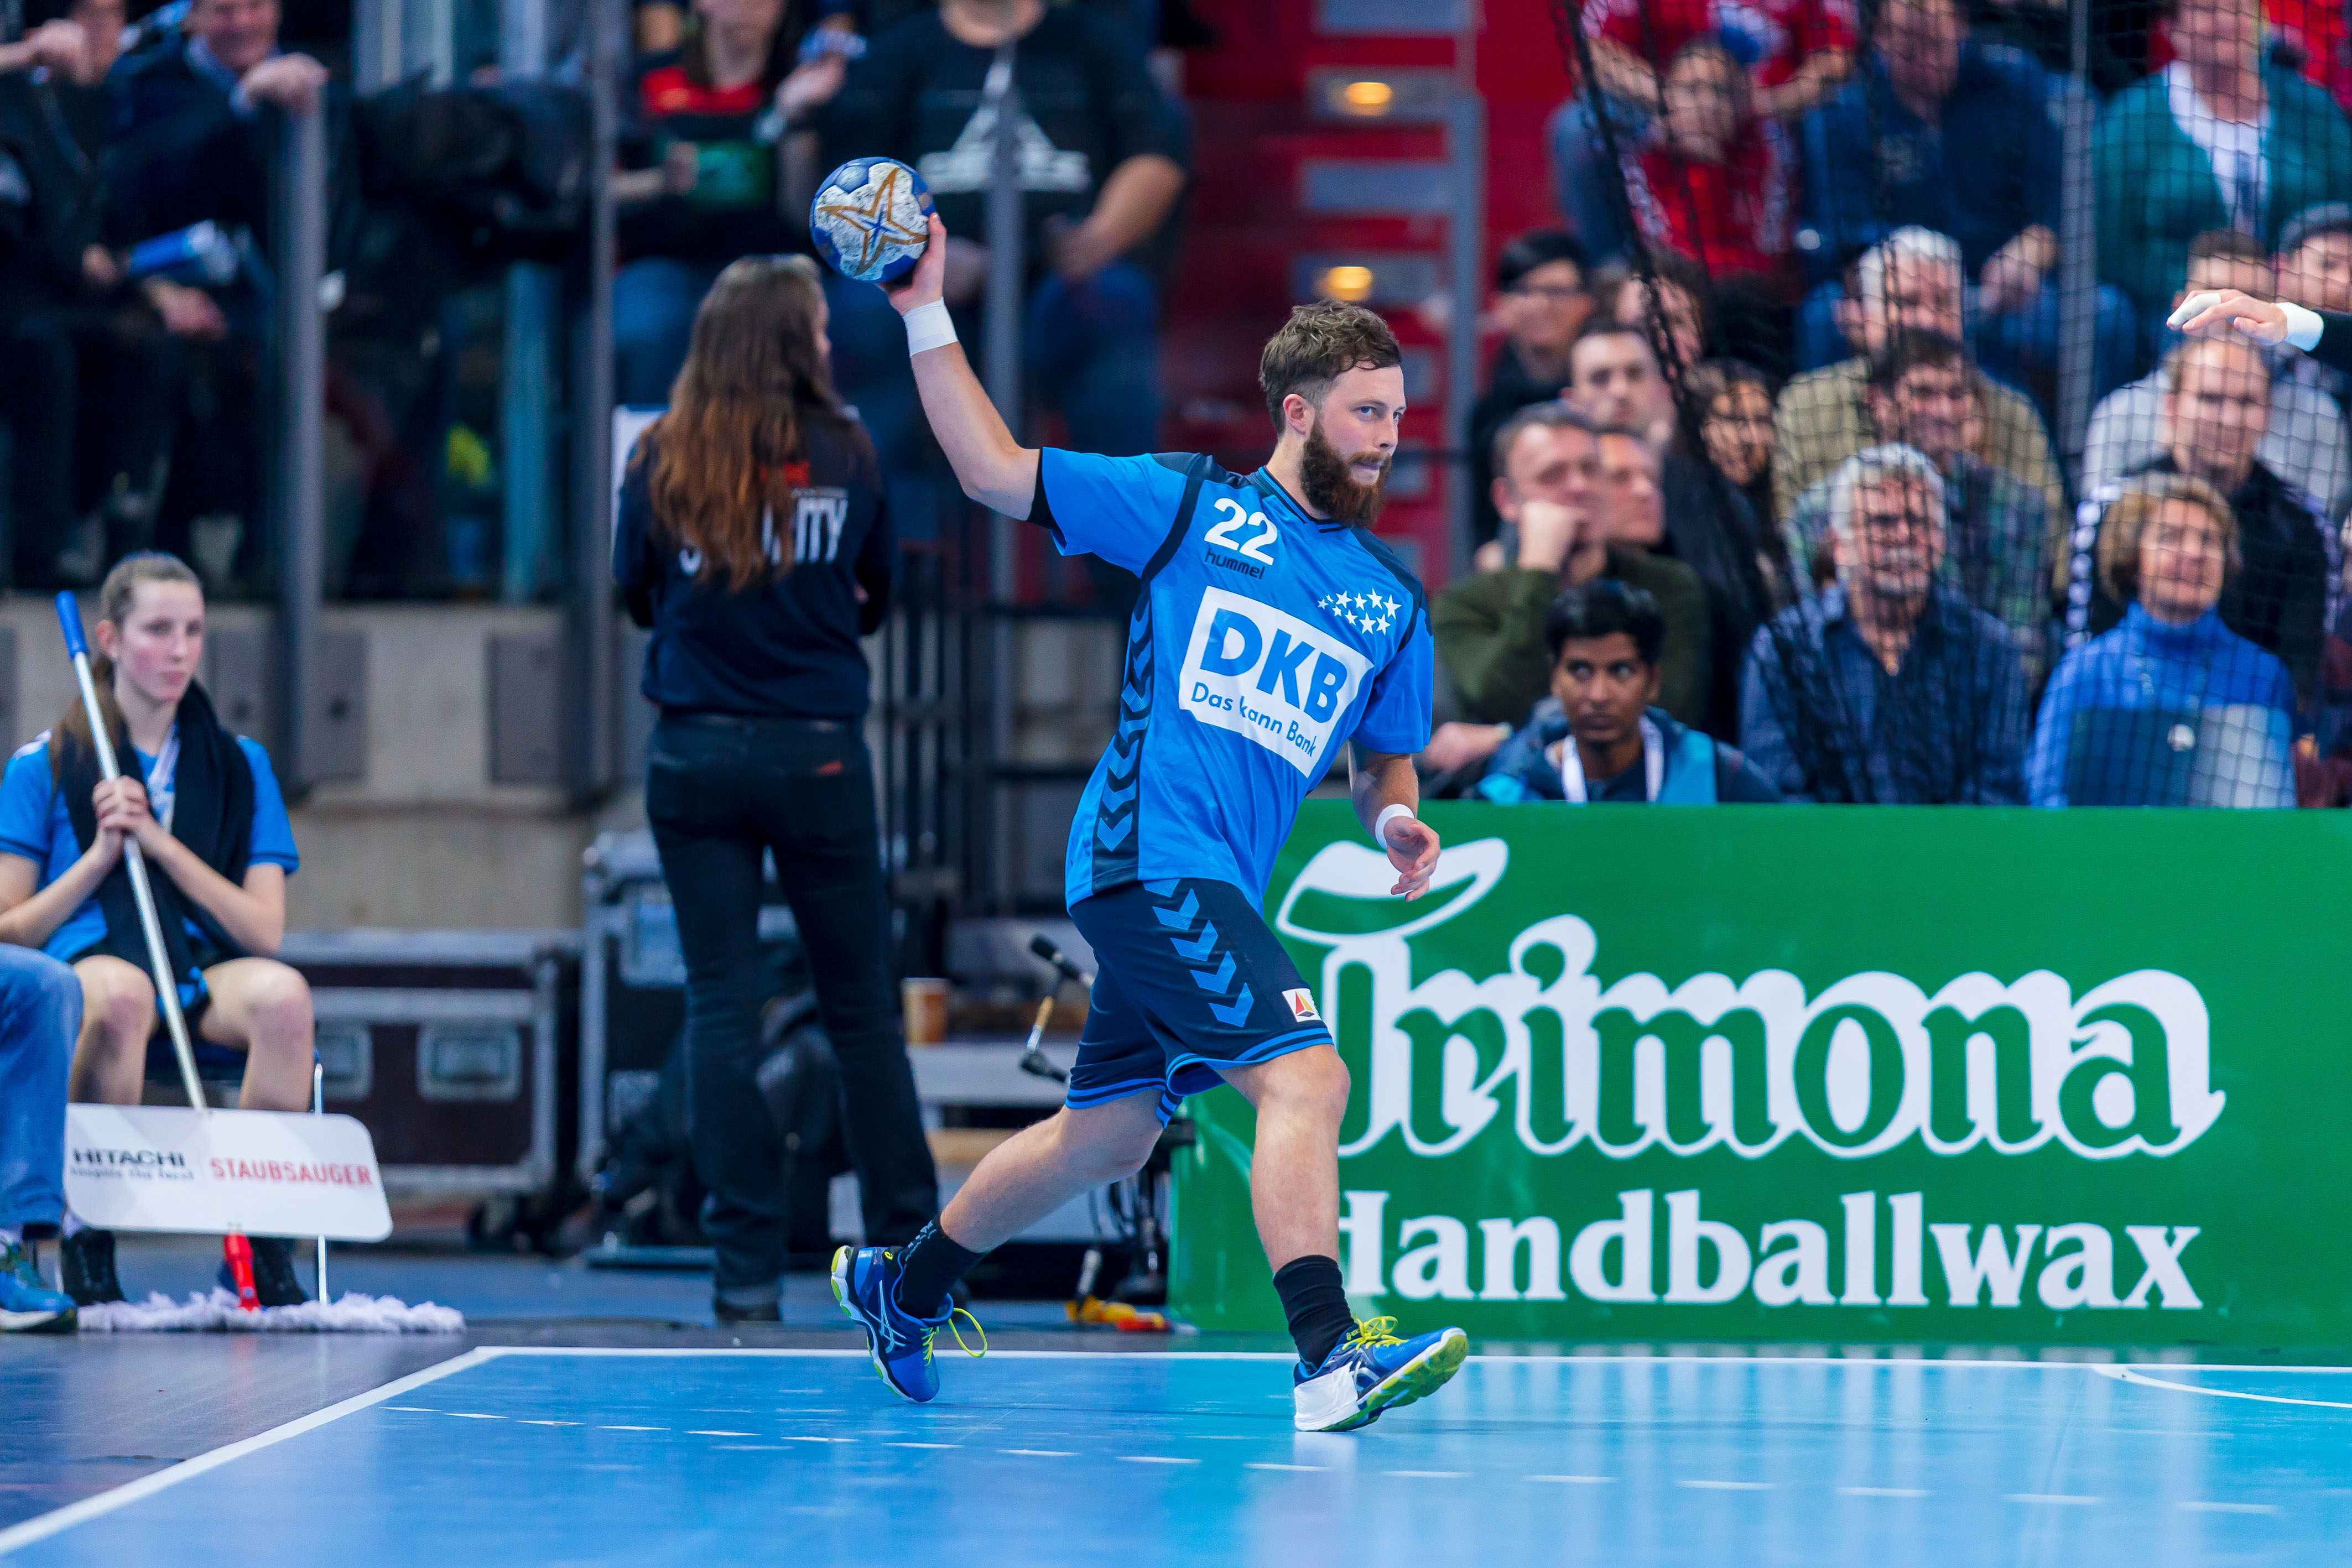 Handballwax